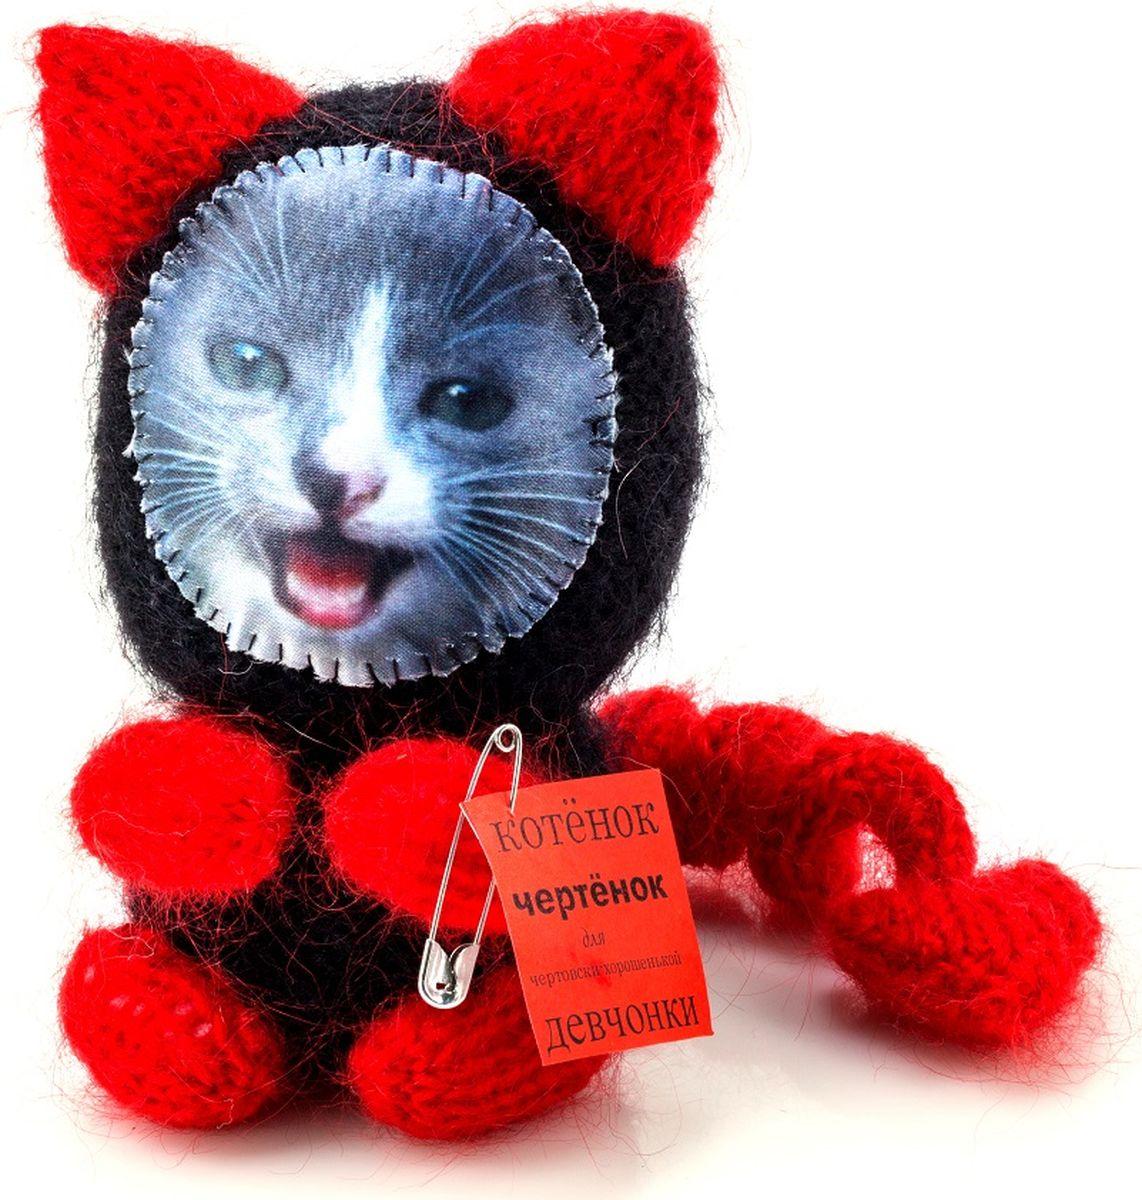 Мягкая игрушка Бюро находок  Котенок. Чертенок , цвет: черный, красный - Мягкие игрушки